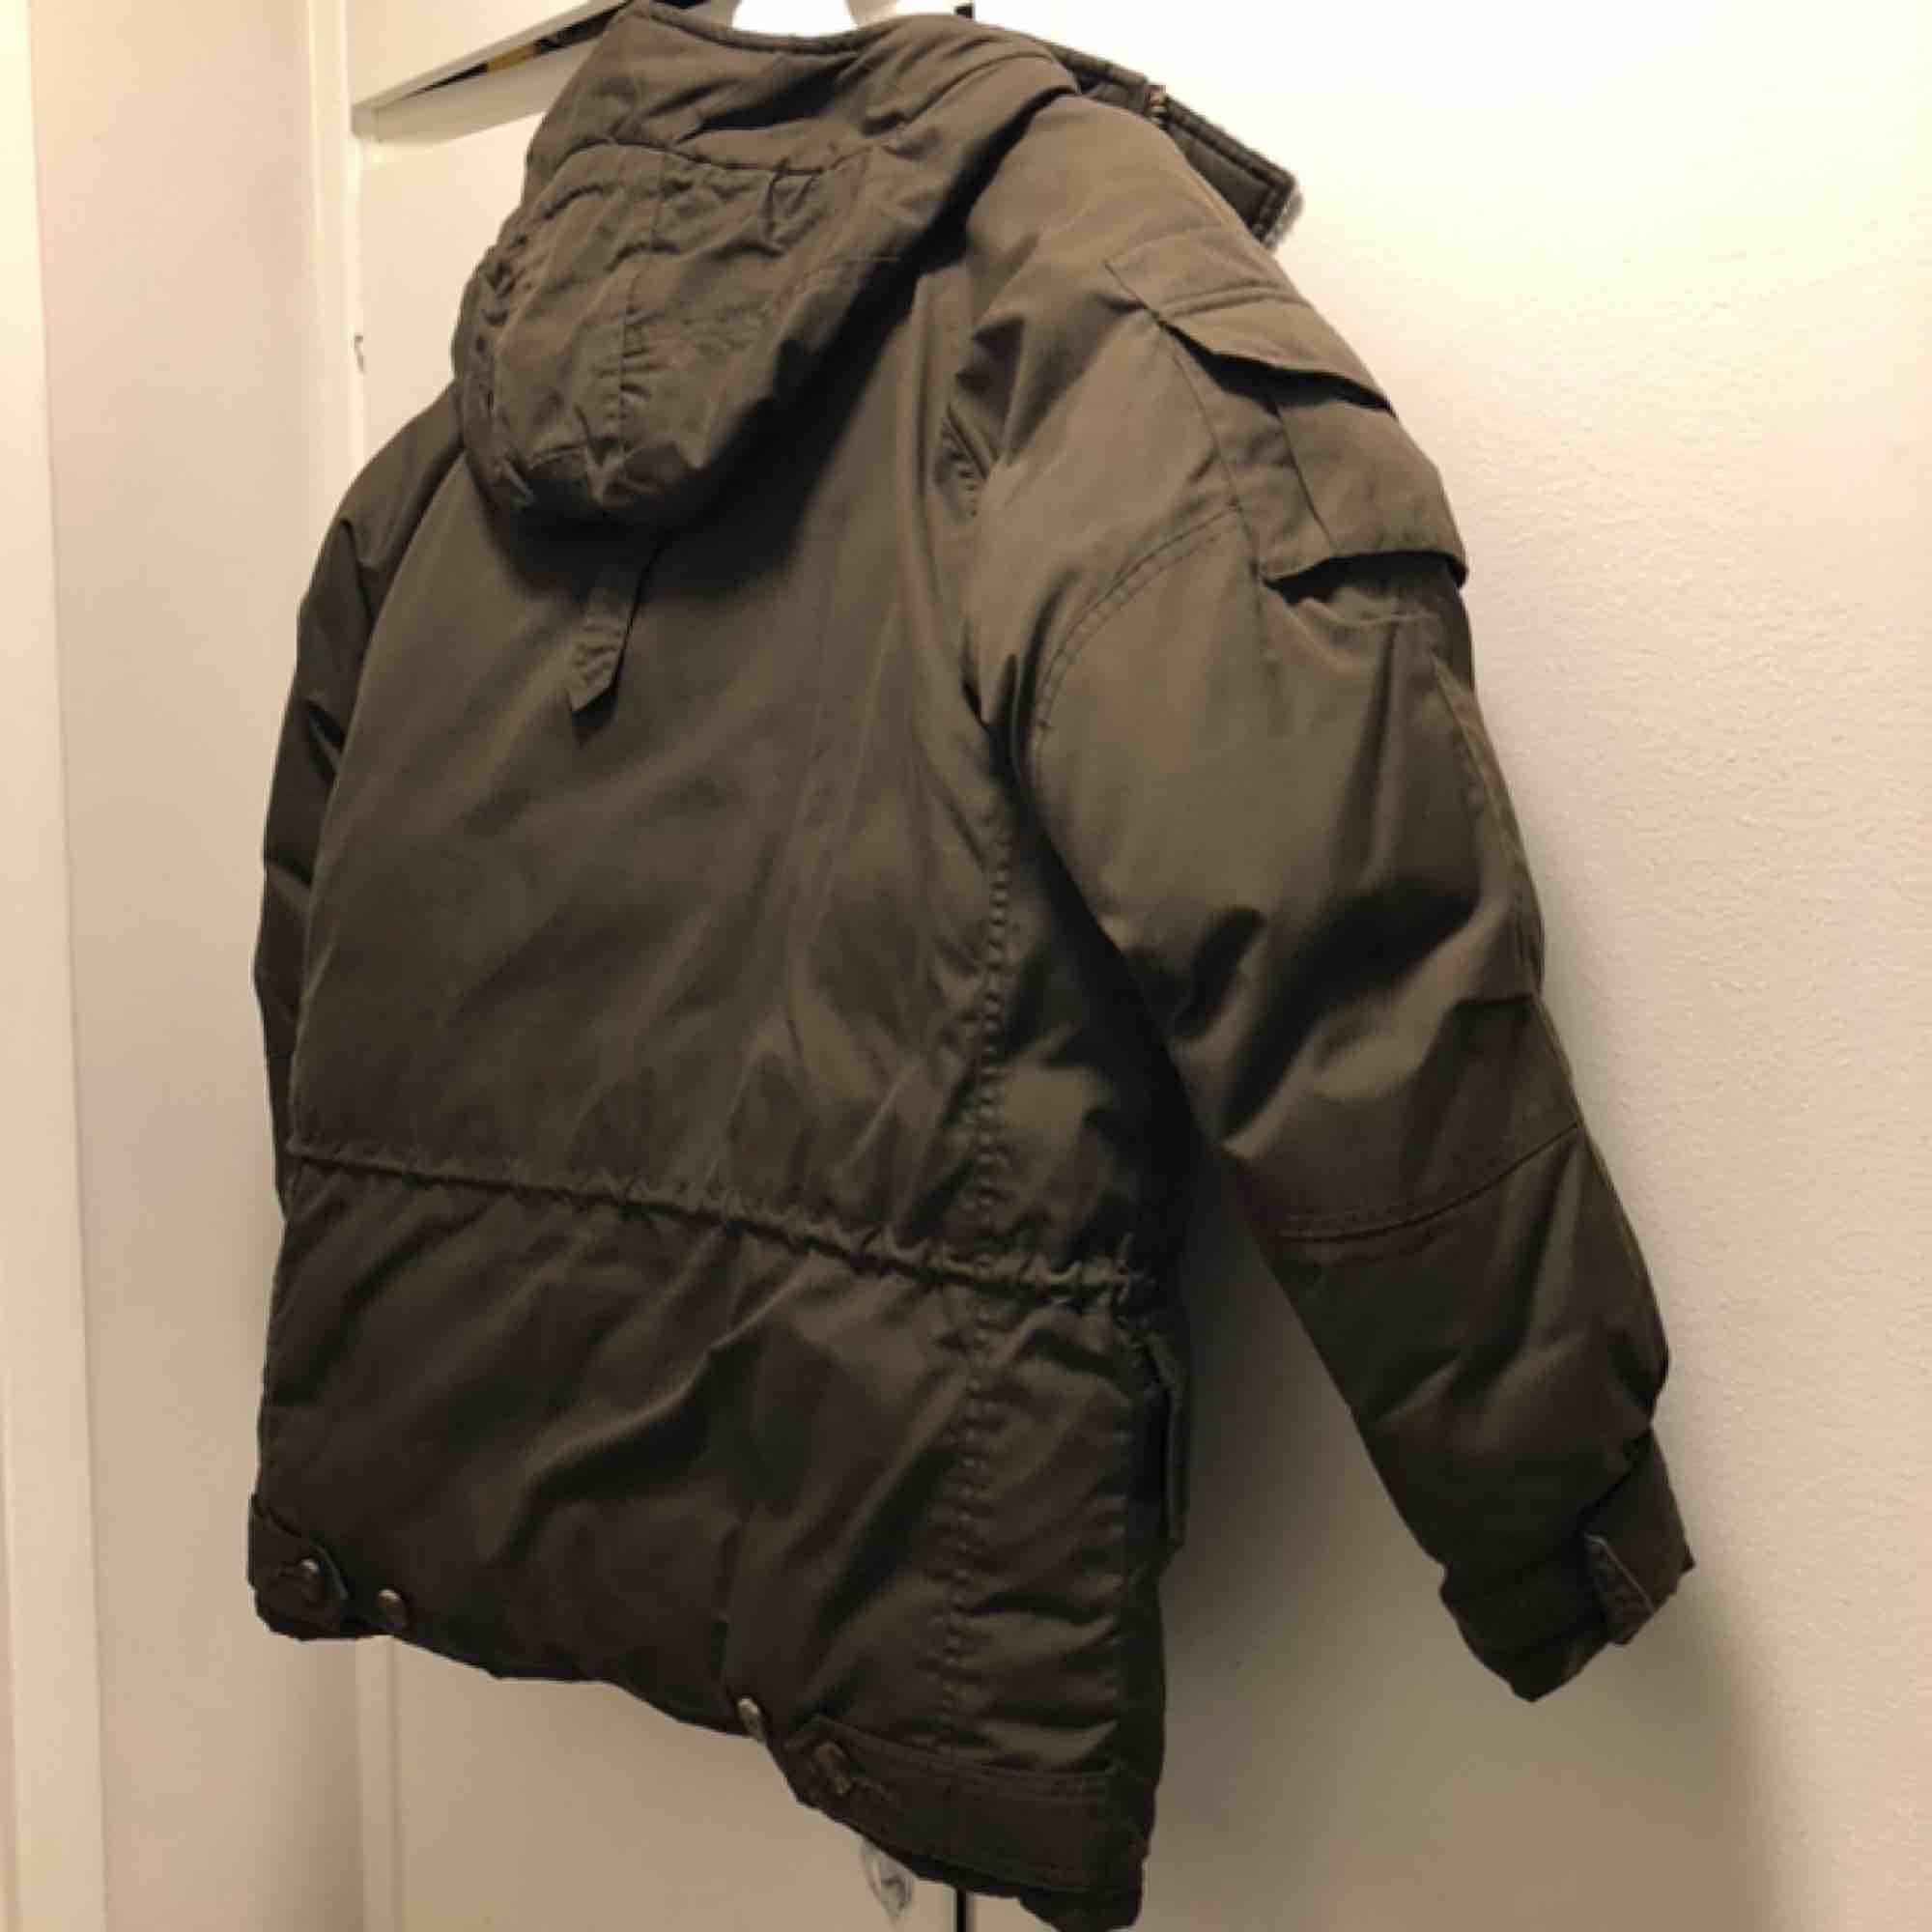 Fjällräven G-1000 dunjacka i jättefint använt skick. Jackan är unisex xxs och passar mig som är 34/36. Otroligt varm och bra vinterjacka. Färgen är en mörk olivgrön. Kan mötas upp i Stockholm eller skickas mot frakt.. Jackor.